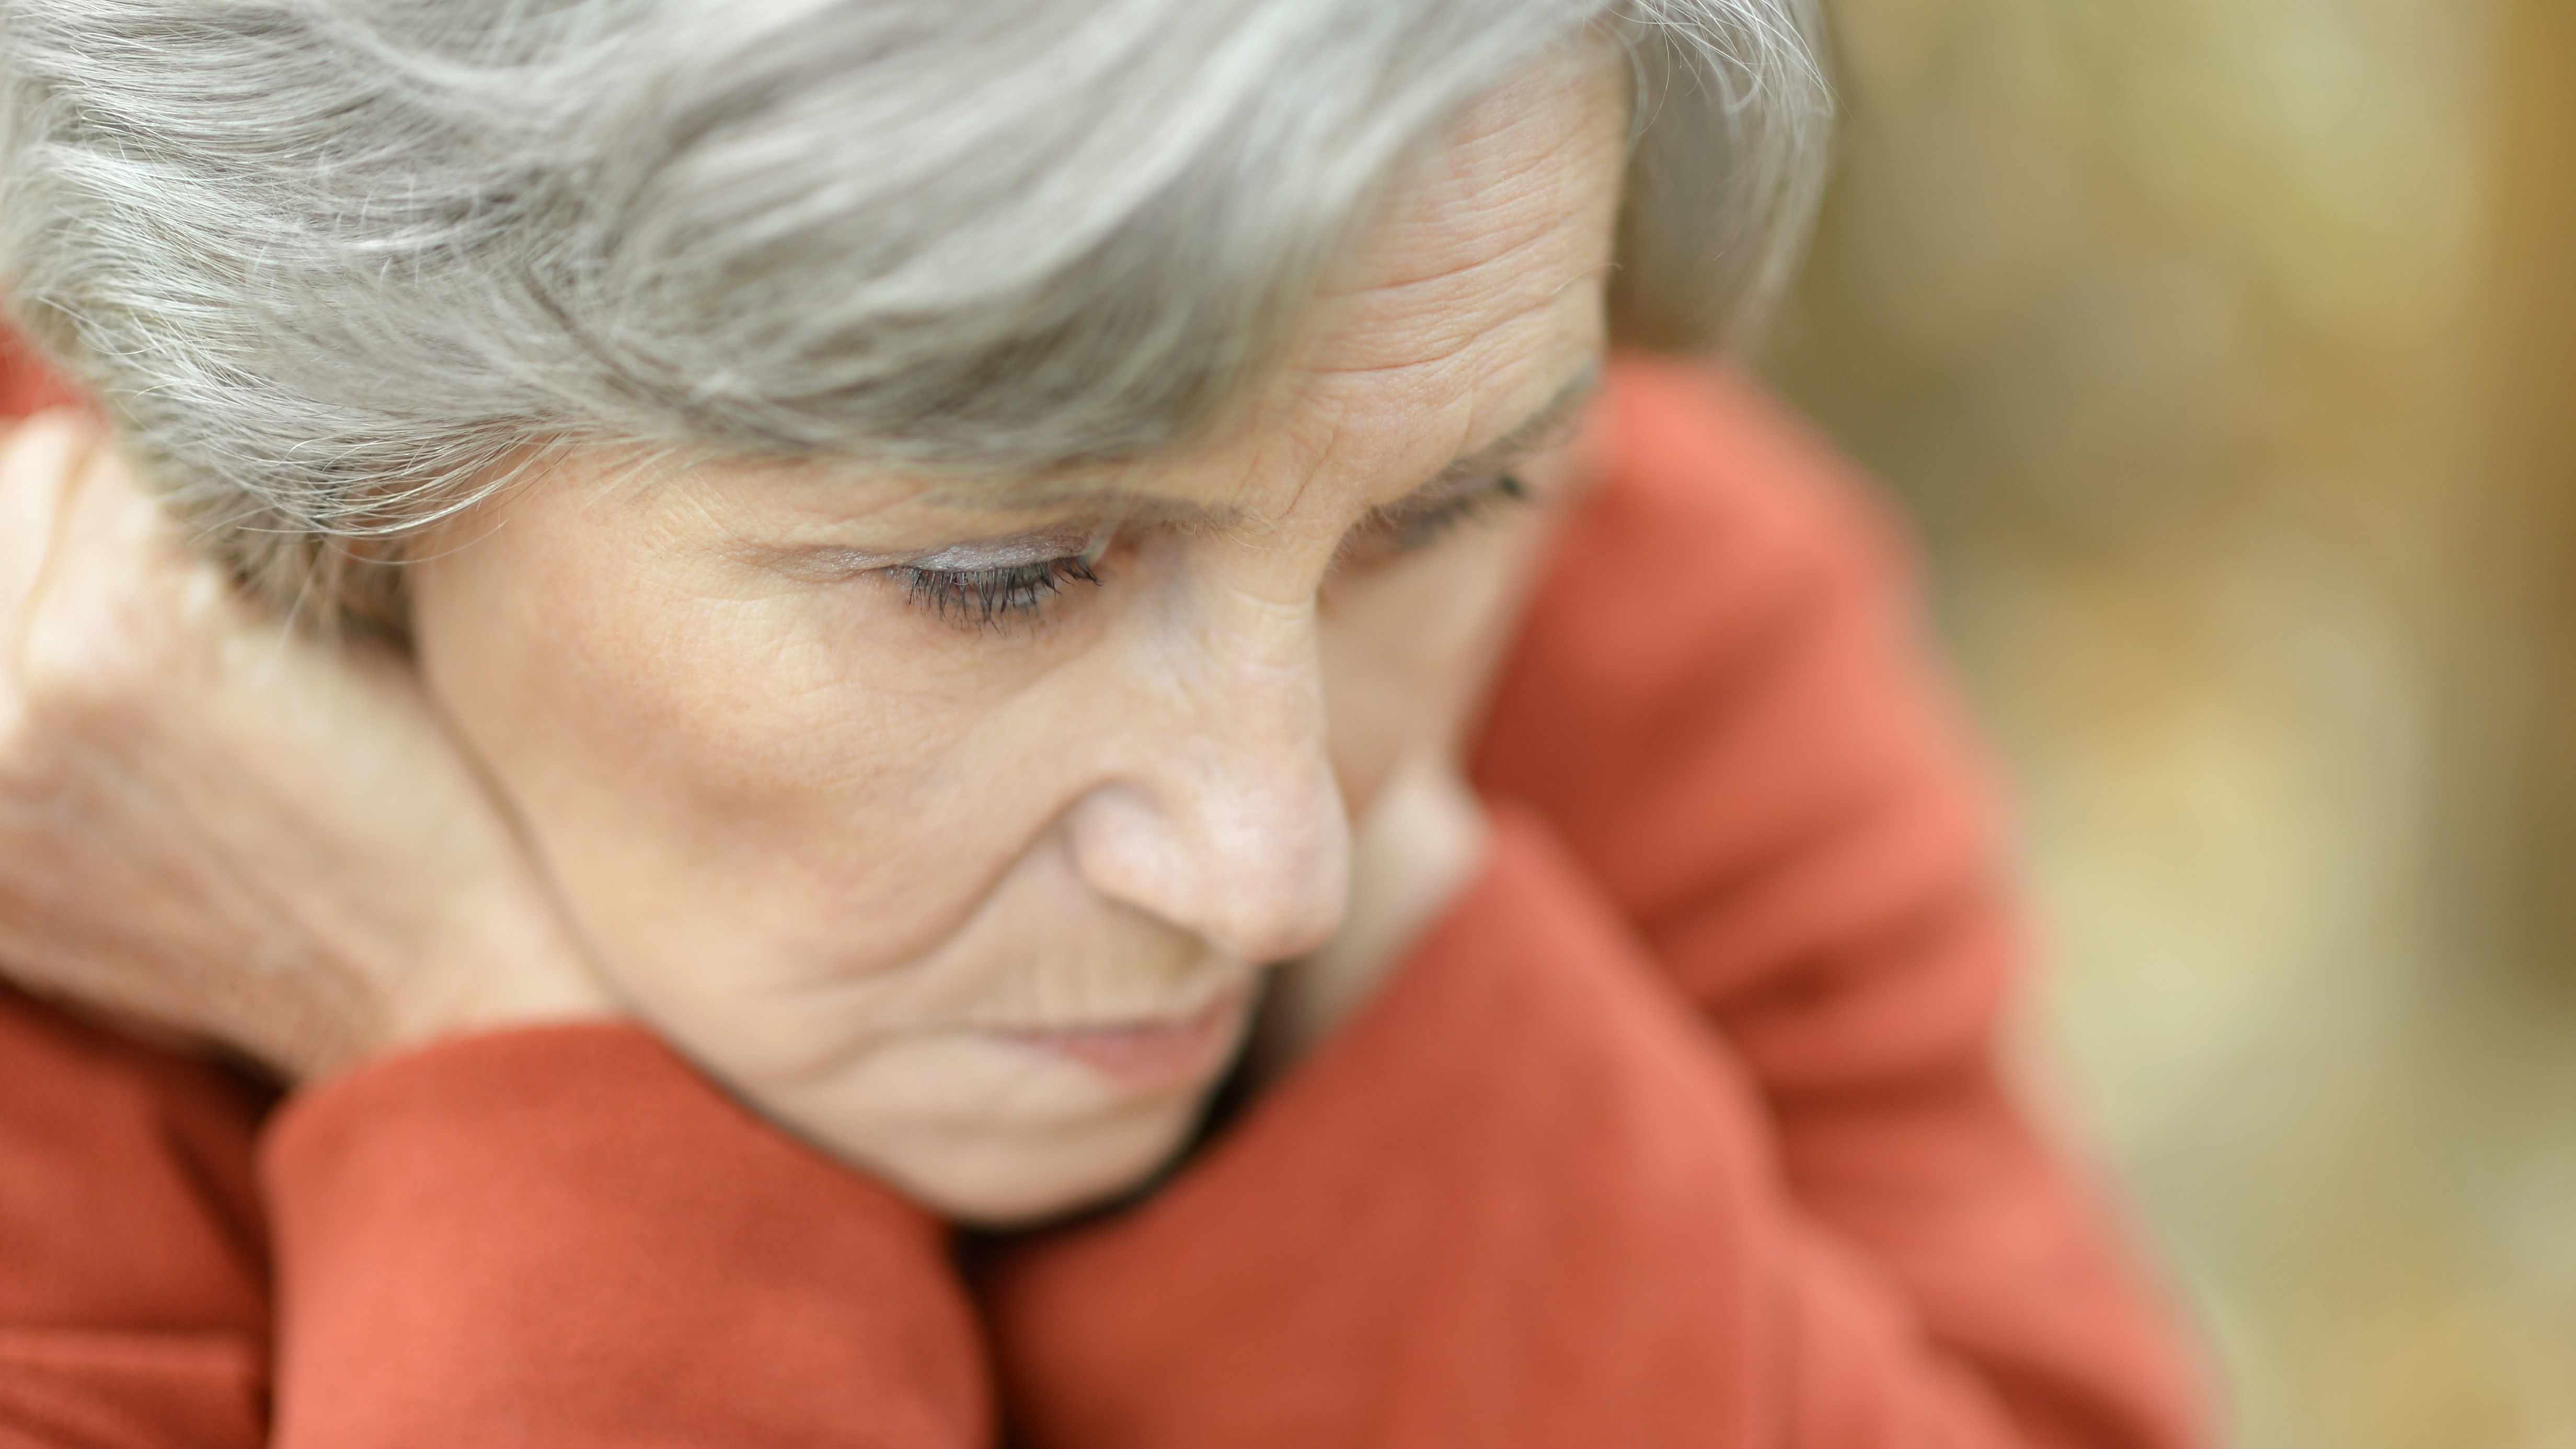 Люди, пережившие рак, оказались больше подвержены старению, чем здоровые